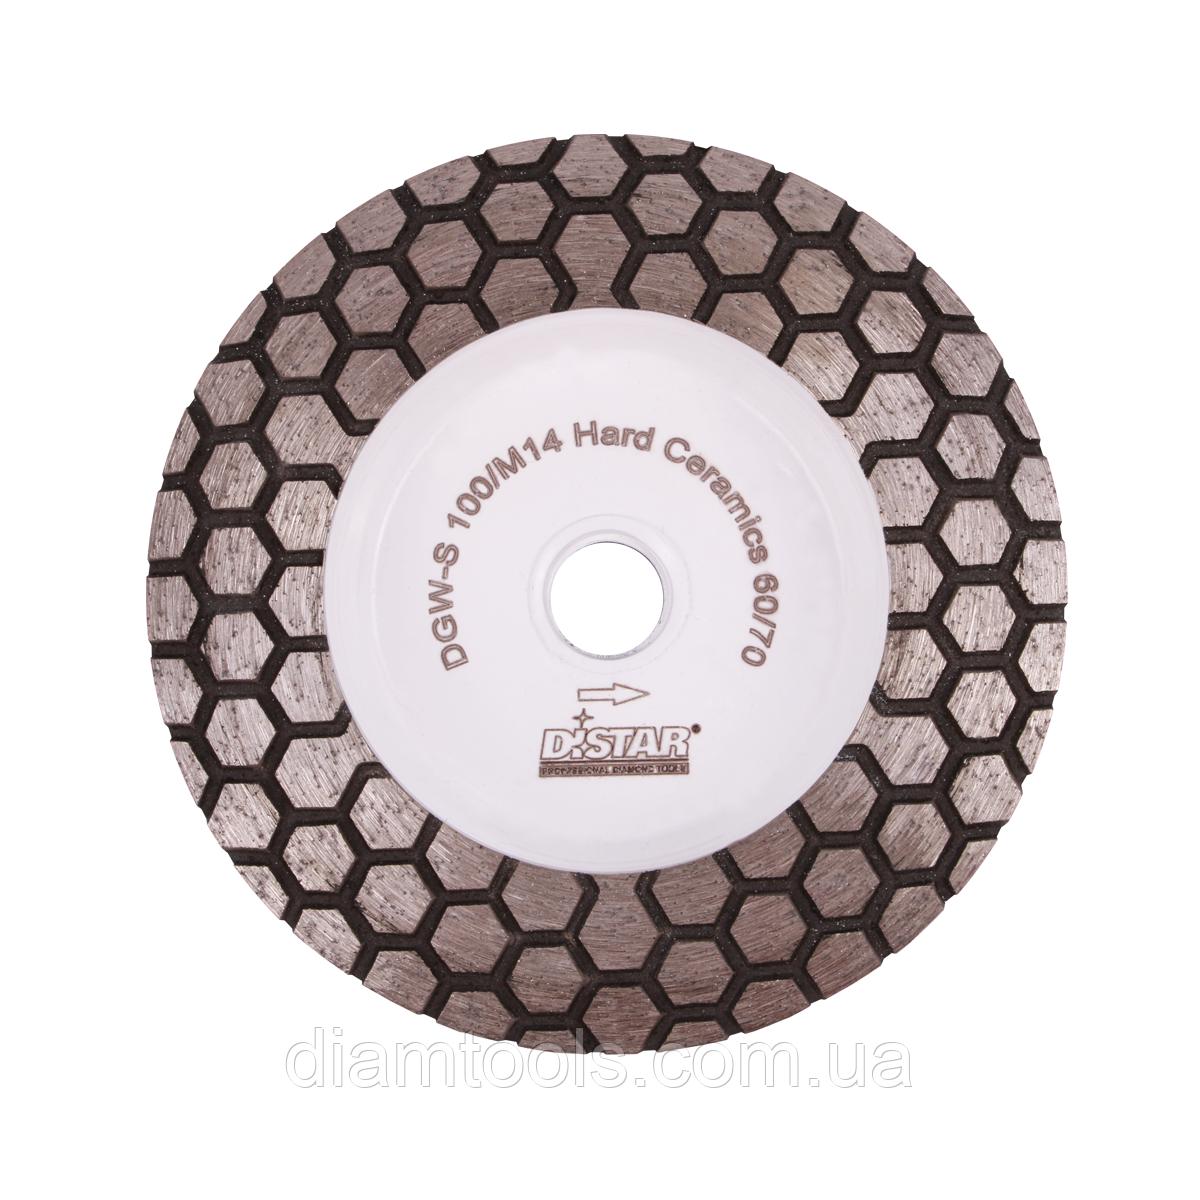 Фреза алмазная DGM-S 100/M14 Hard Ceramics 60/70 (17483524005)